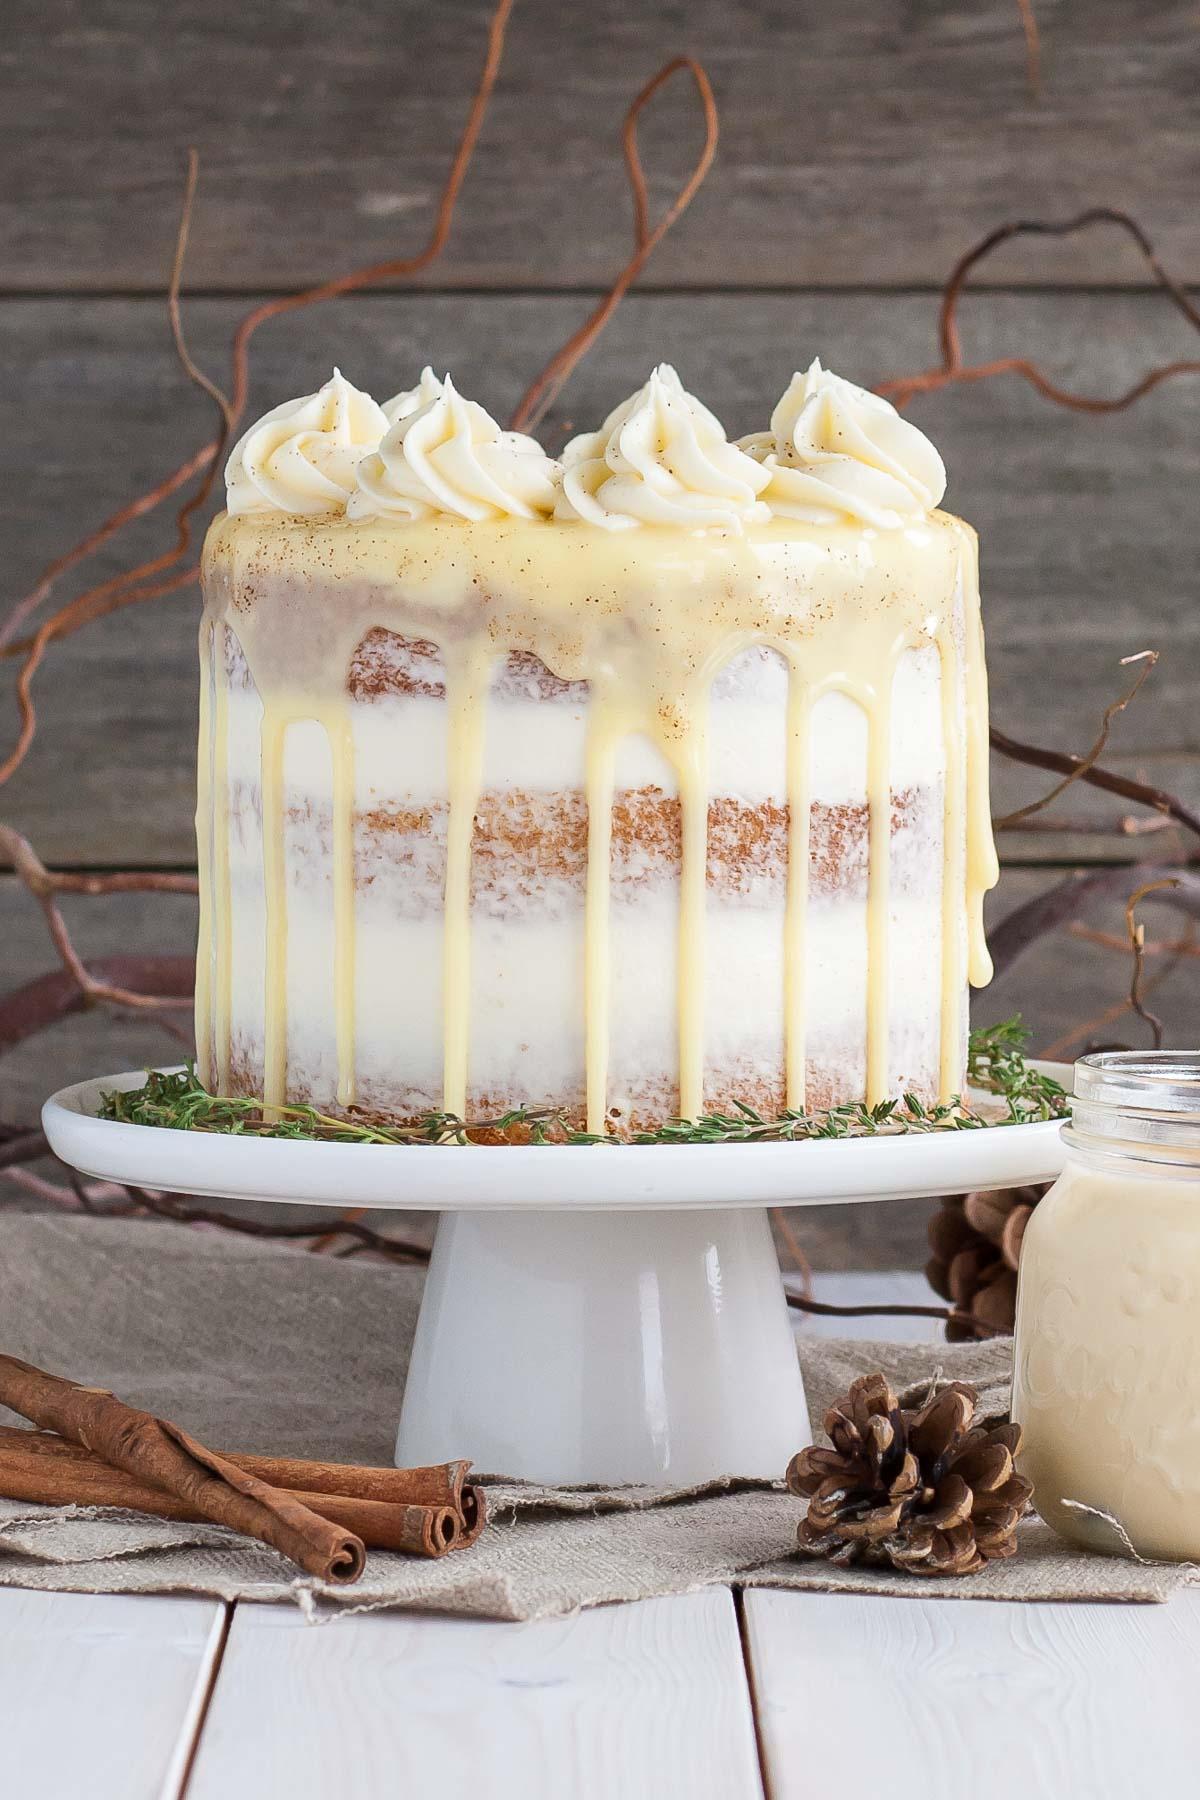 Cake eggnog recipe